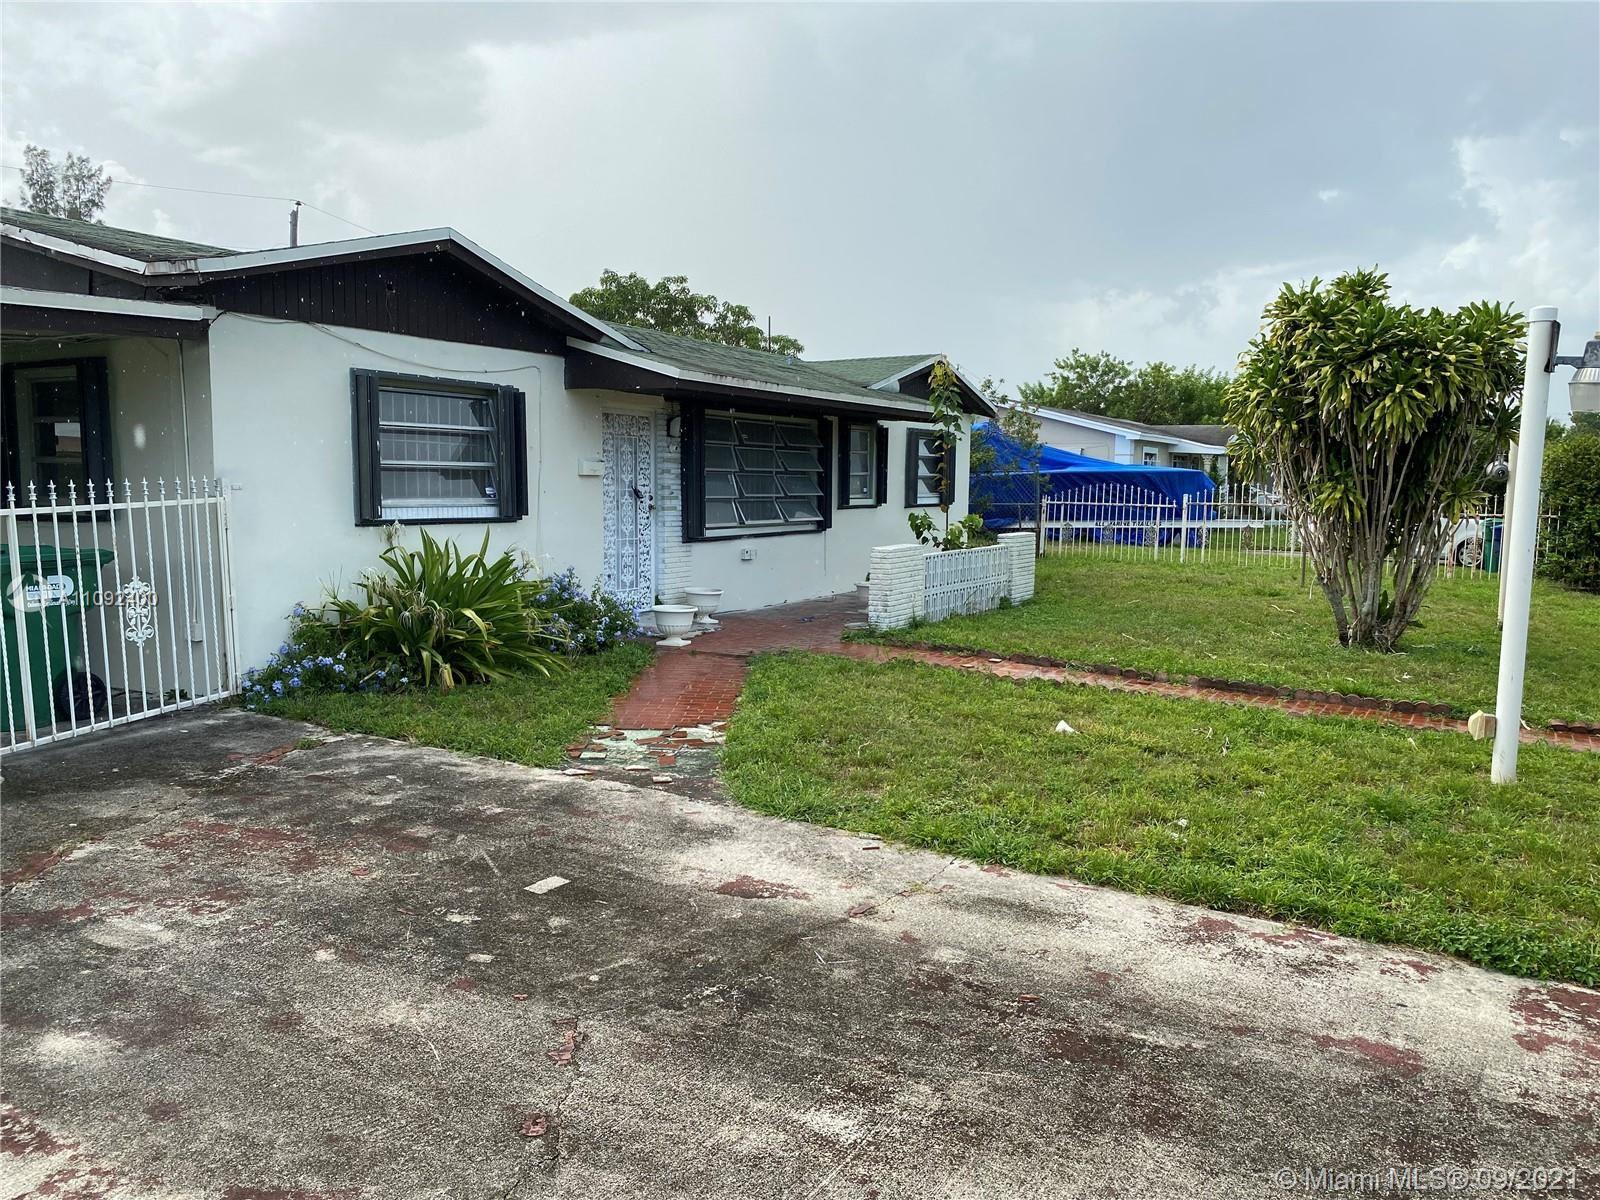 20510 NW 28th Ct, Miami Gardens, FL 33056 - #: A11092400